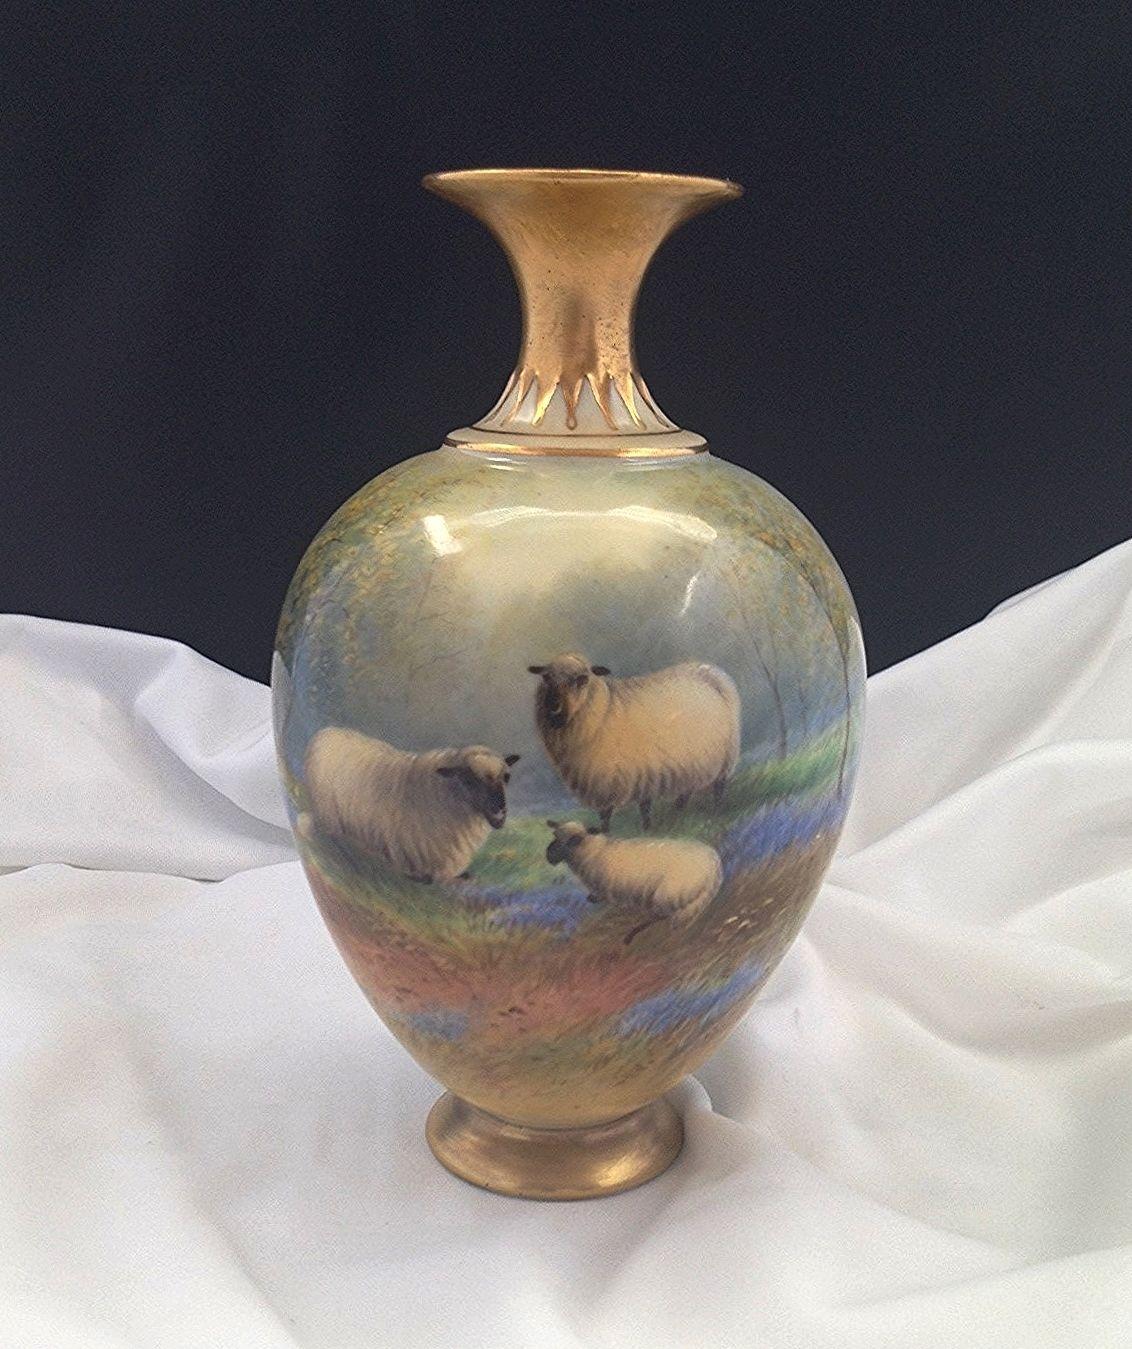 ロイヤルウースター Ernest Barkers氏 ハイランド地方の羊の花瓶